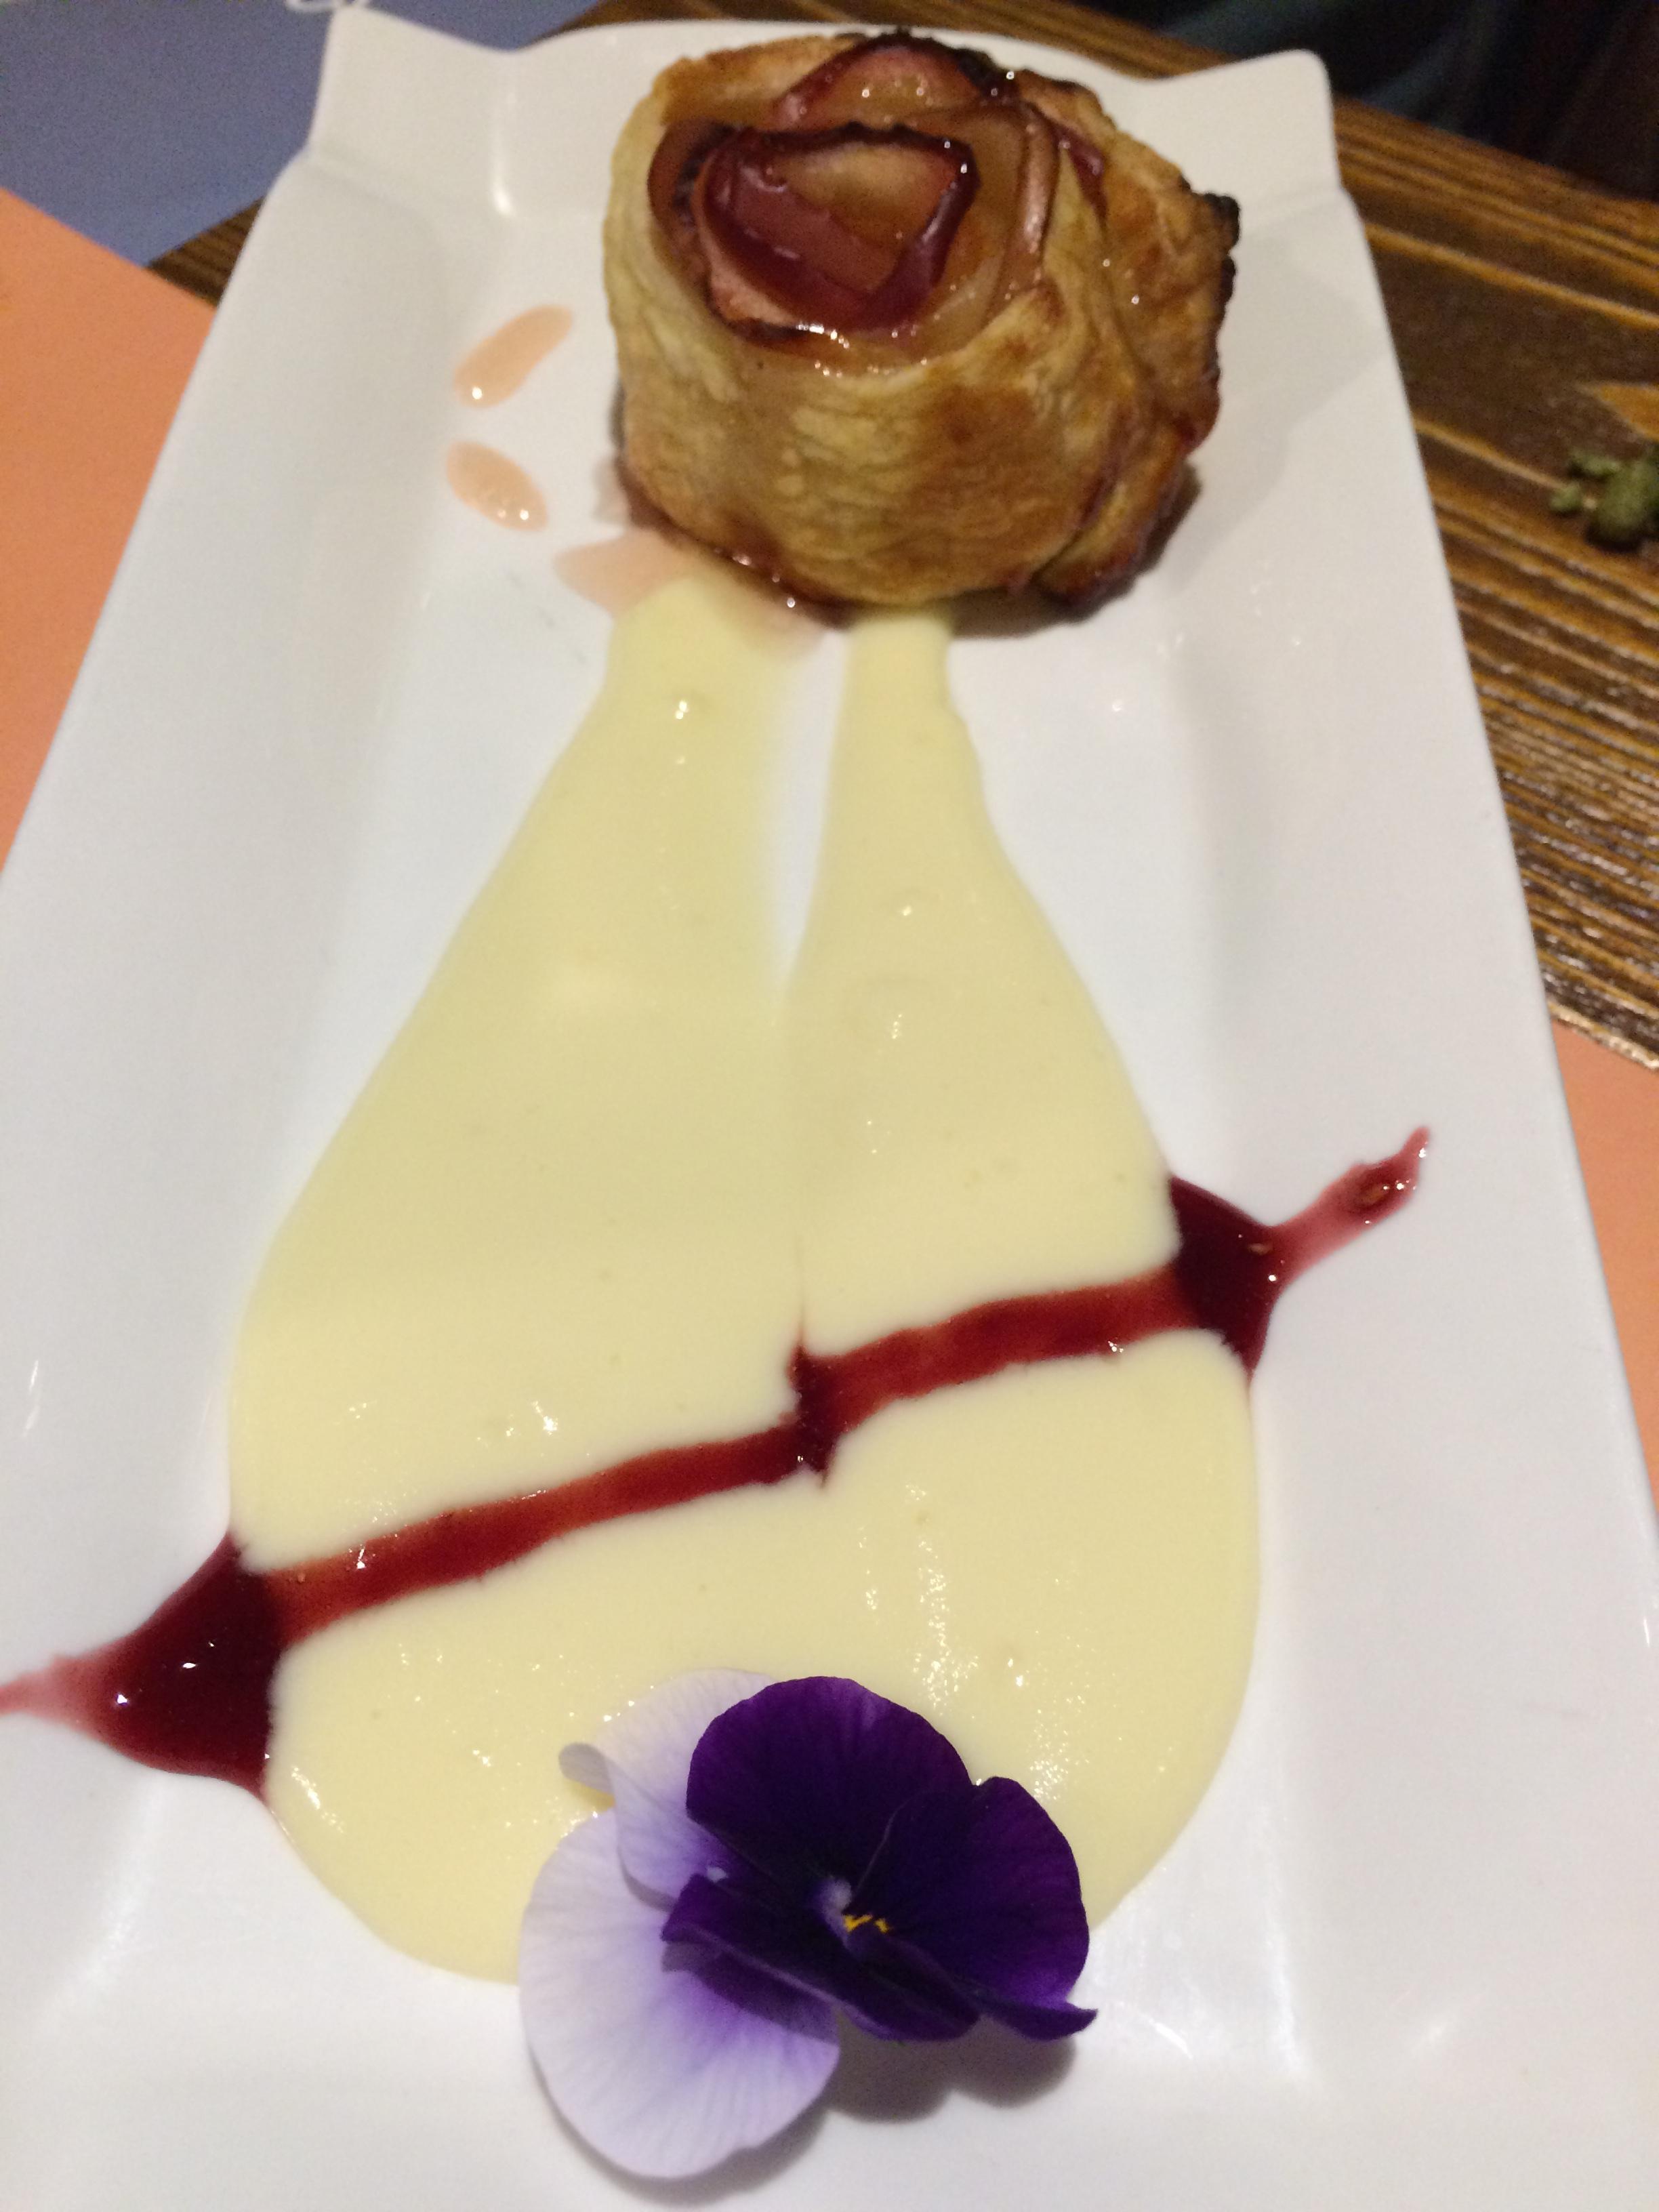 Dessert at Era Bauró, Andorra